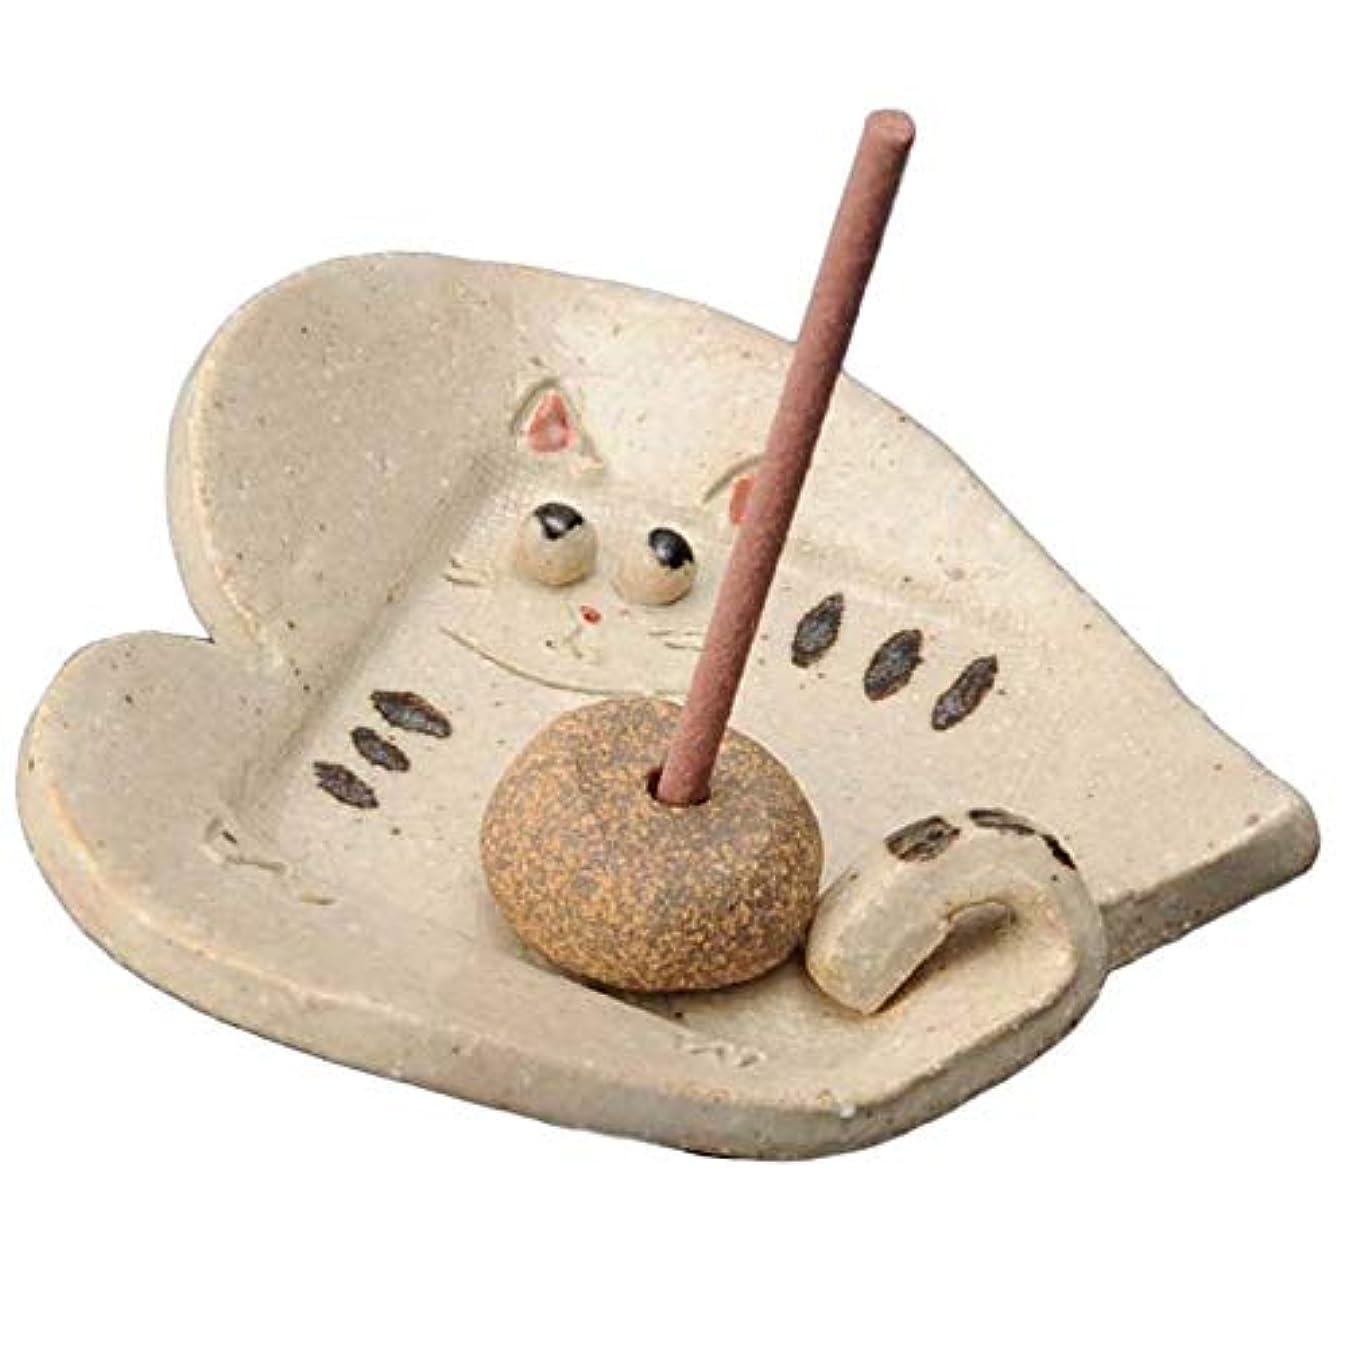 小さな行商人徒歩で手造り 香皿 香立て/しっぽ 猫 香皿/香り アロマ 癒やし リラックス インテリア プレゼント 贈り物